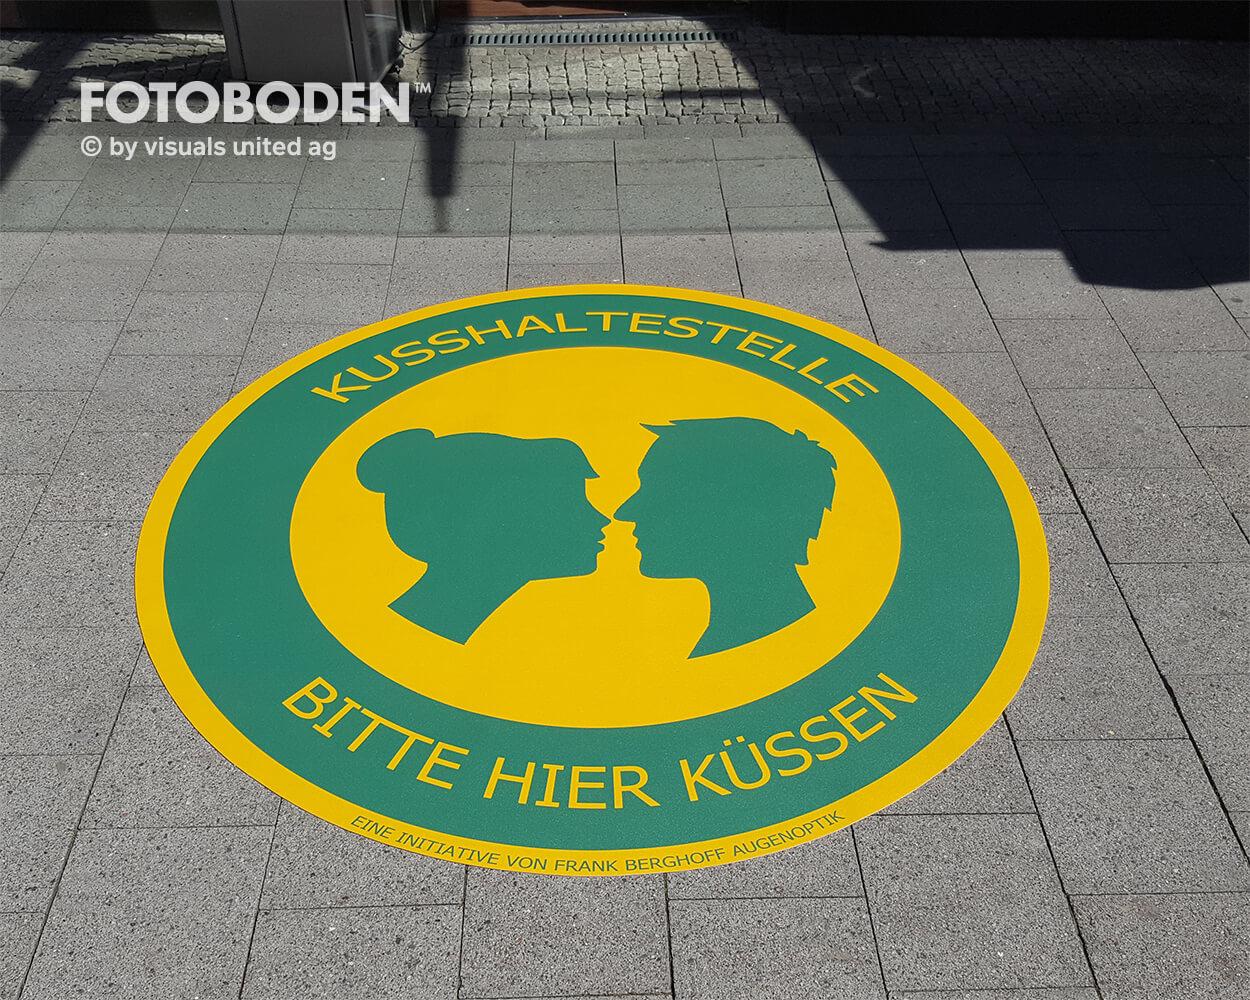 FrankBerghoff Optik Fotoboden Flooring Fußboden Bodengestaltung Floorminder Bodendruck Werbung Fußbodenwerbung Bodenwerbung Merchandising Advertising Visualmerchandising2